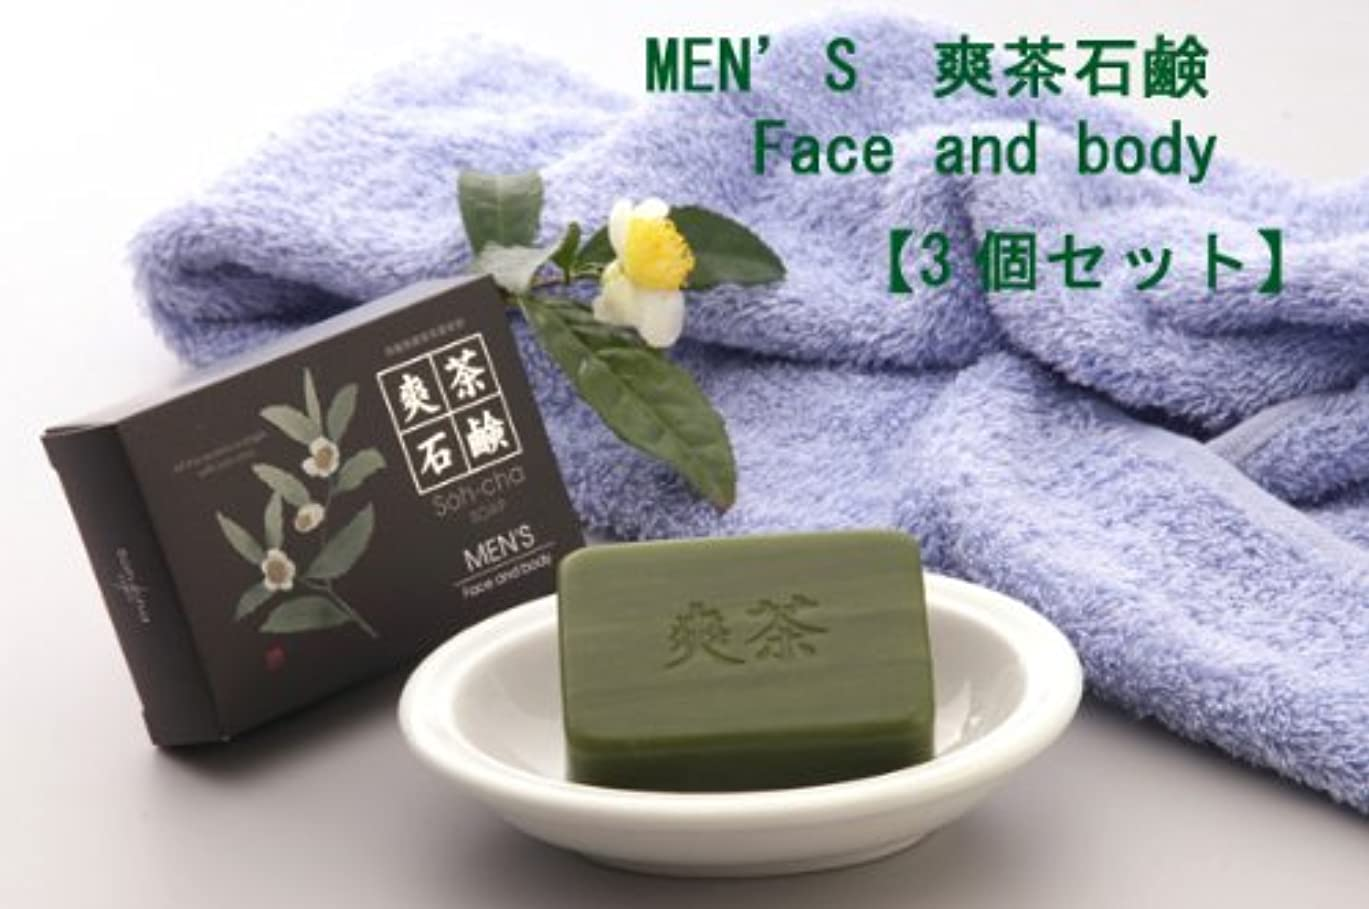 悔い改め剃るフィードMEN'S 爽茶石鹸 Face and body 3個セット(男性用デオドラントボディ+洗顔石鹸)